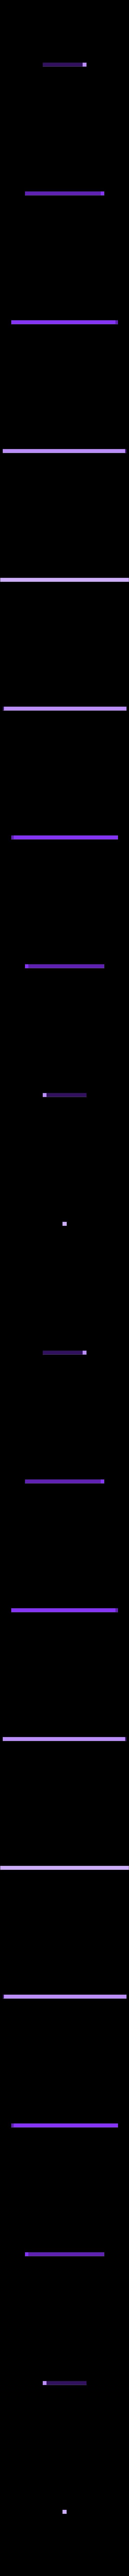 Jonction_White_x1.stl Télécharger fichier STL gratuit Vega Scale 1:200 (Multi Parts) • Objet imprimable en 3D, Kmobrain